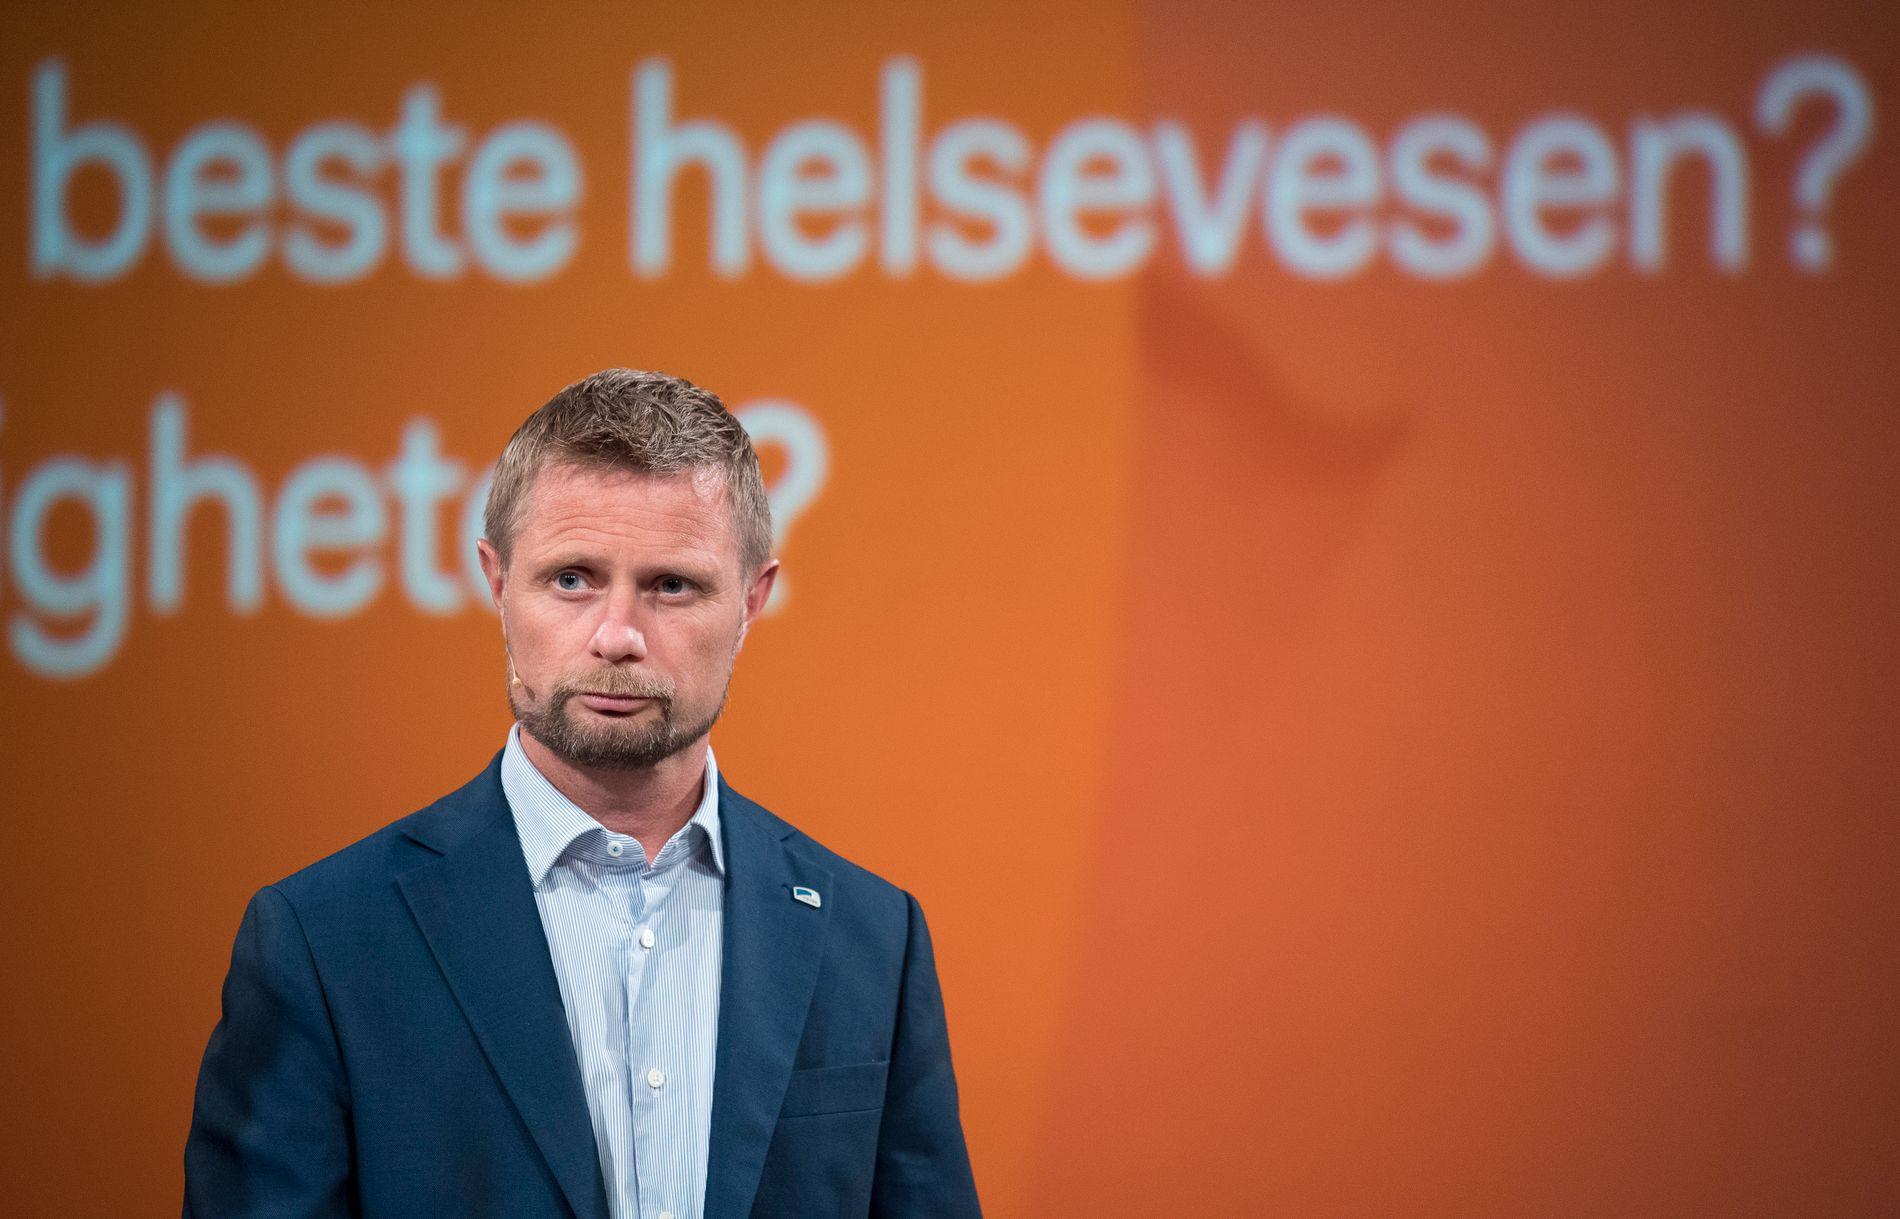 HELSEMINISTER: Bent Høie (H) har innført ordningen fritt behandlingsvalg, for ytterligere å avlaste det offentlige helsevesen ved at flere private aktører kan drive pasientbehandling.